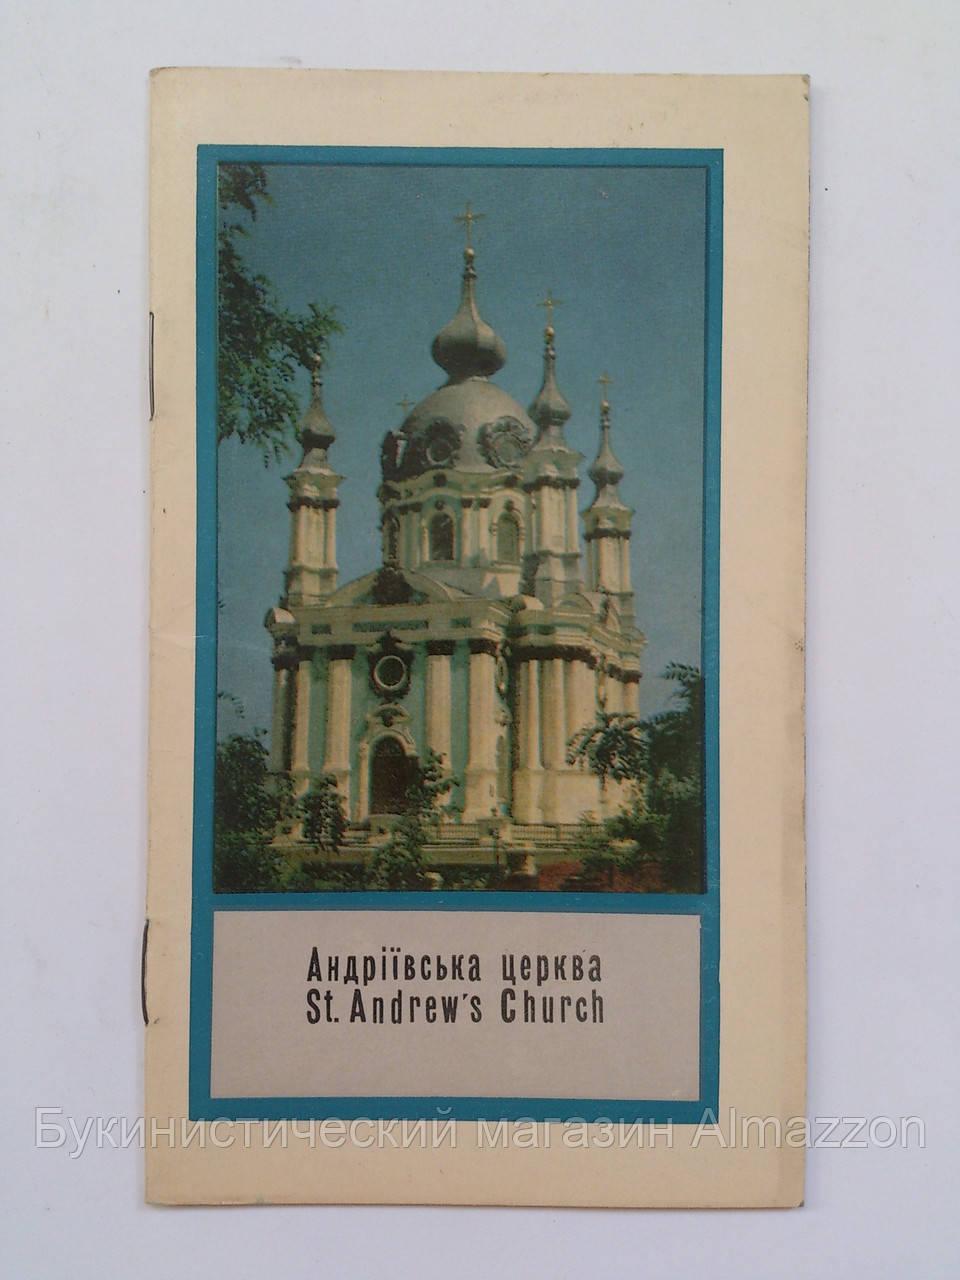 Андреевская церковь. Андріївська церква. St.Andrew`s Church. Мистецтво. 1970 год